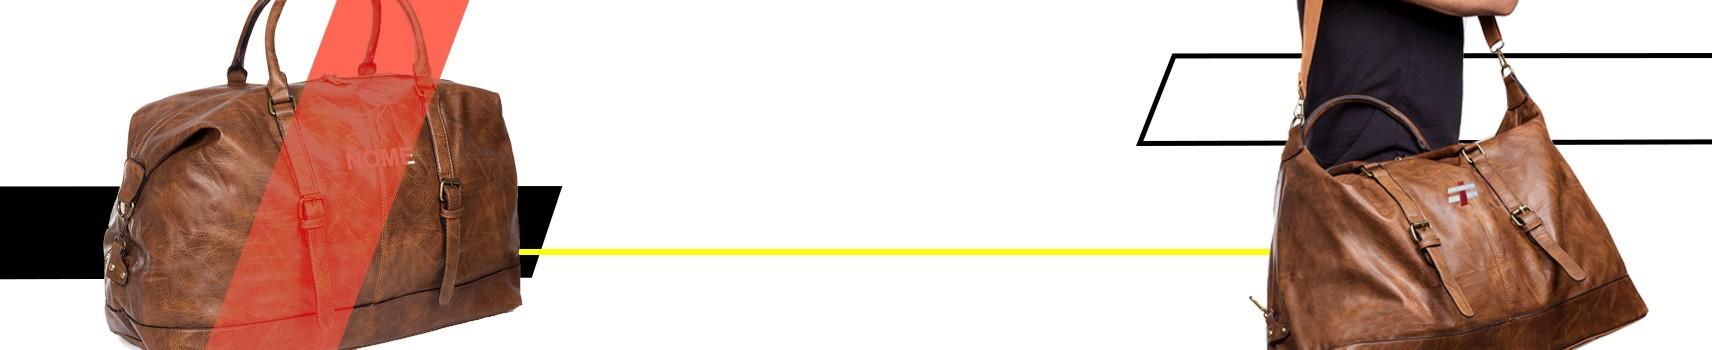 Borsoni Personalizzabili - Borsoni da personalizzare con lettere in metallo ricamate o stampate